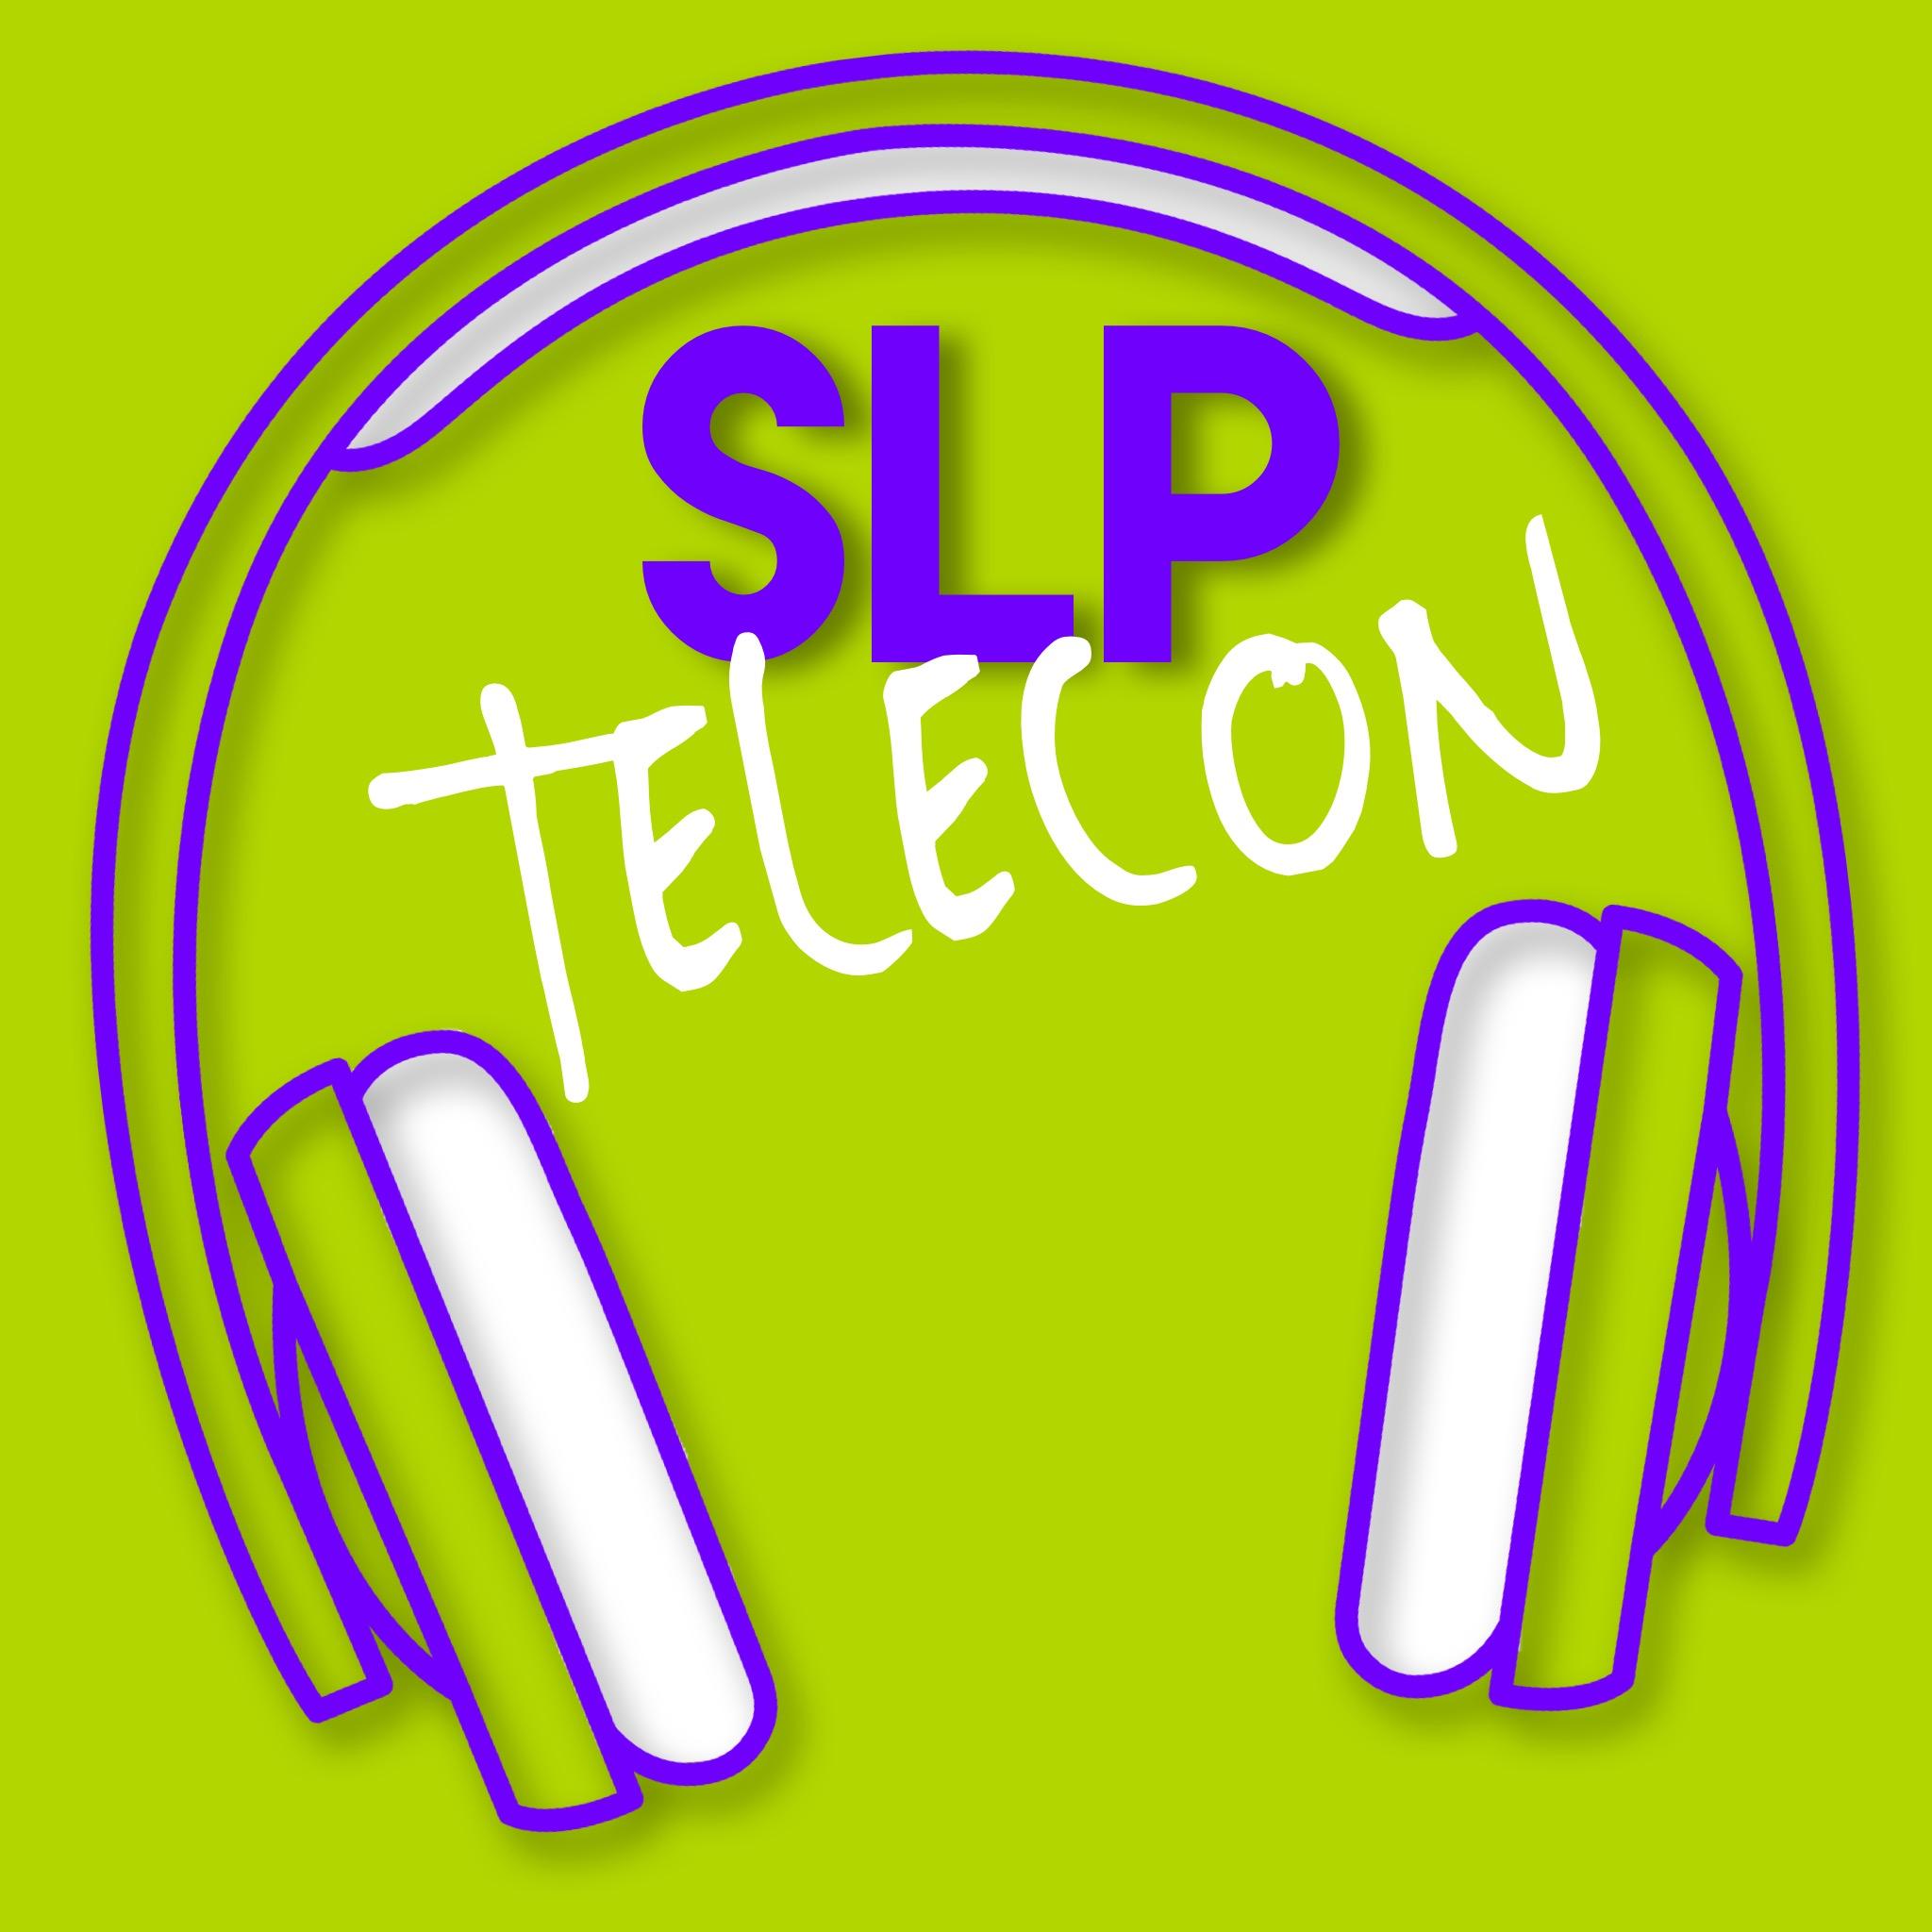 SLP Telecon